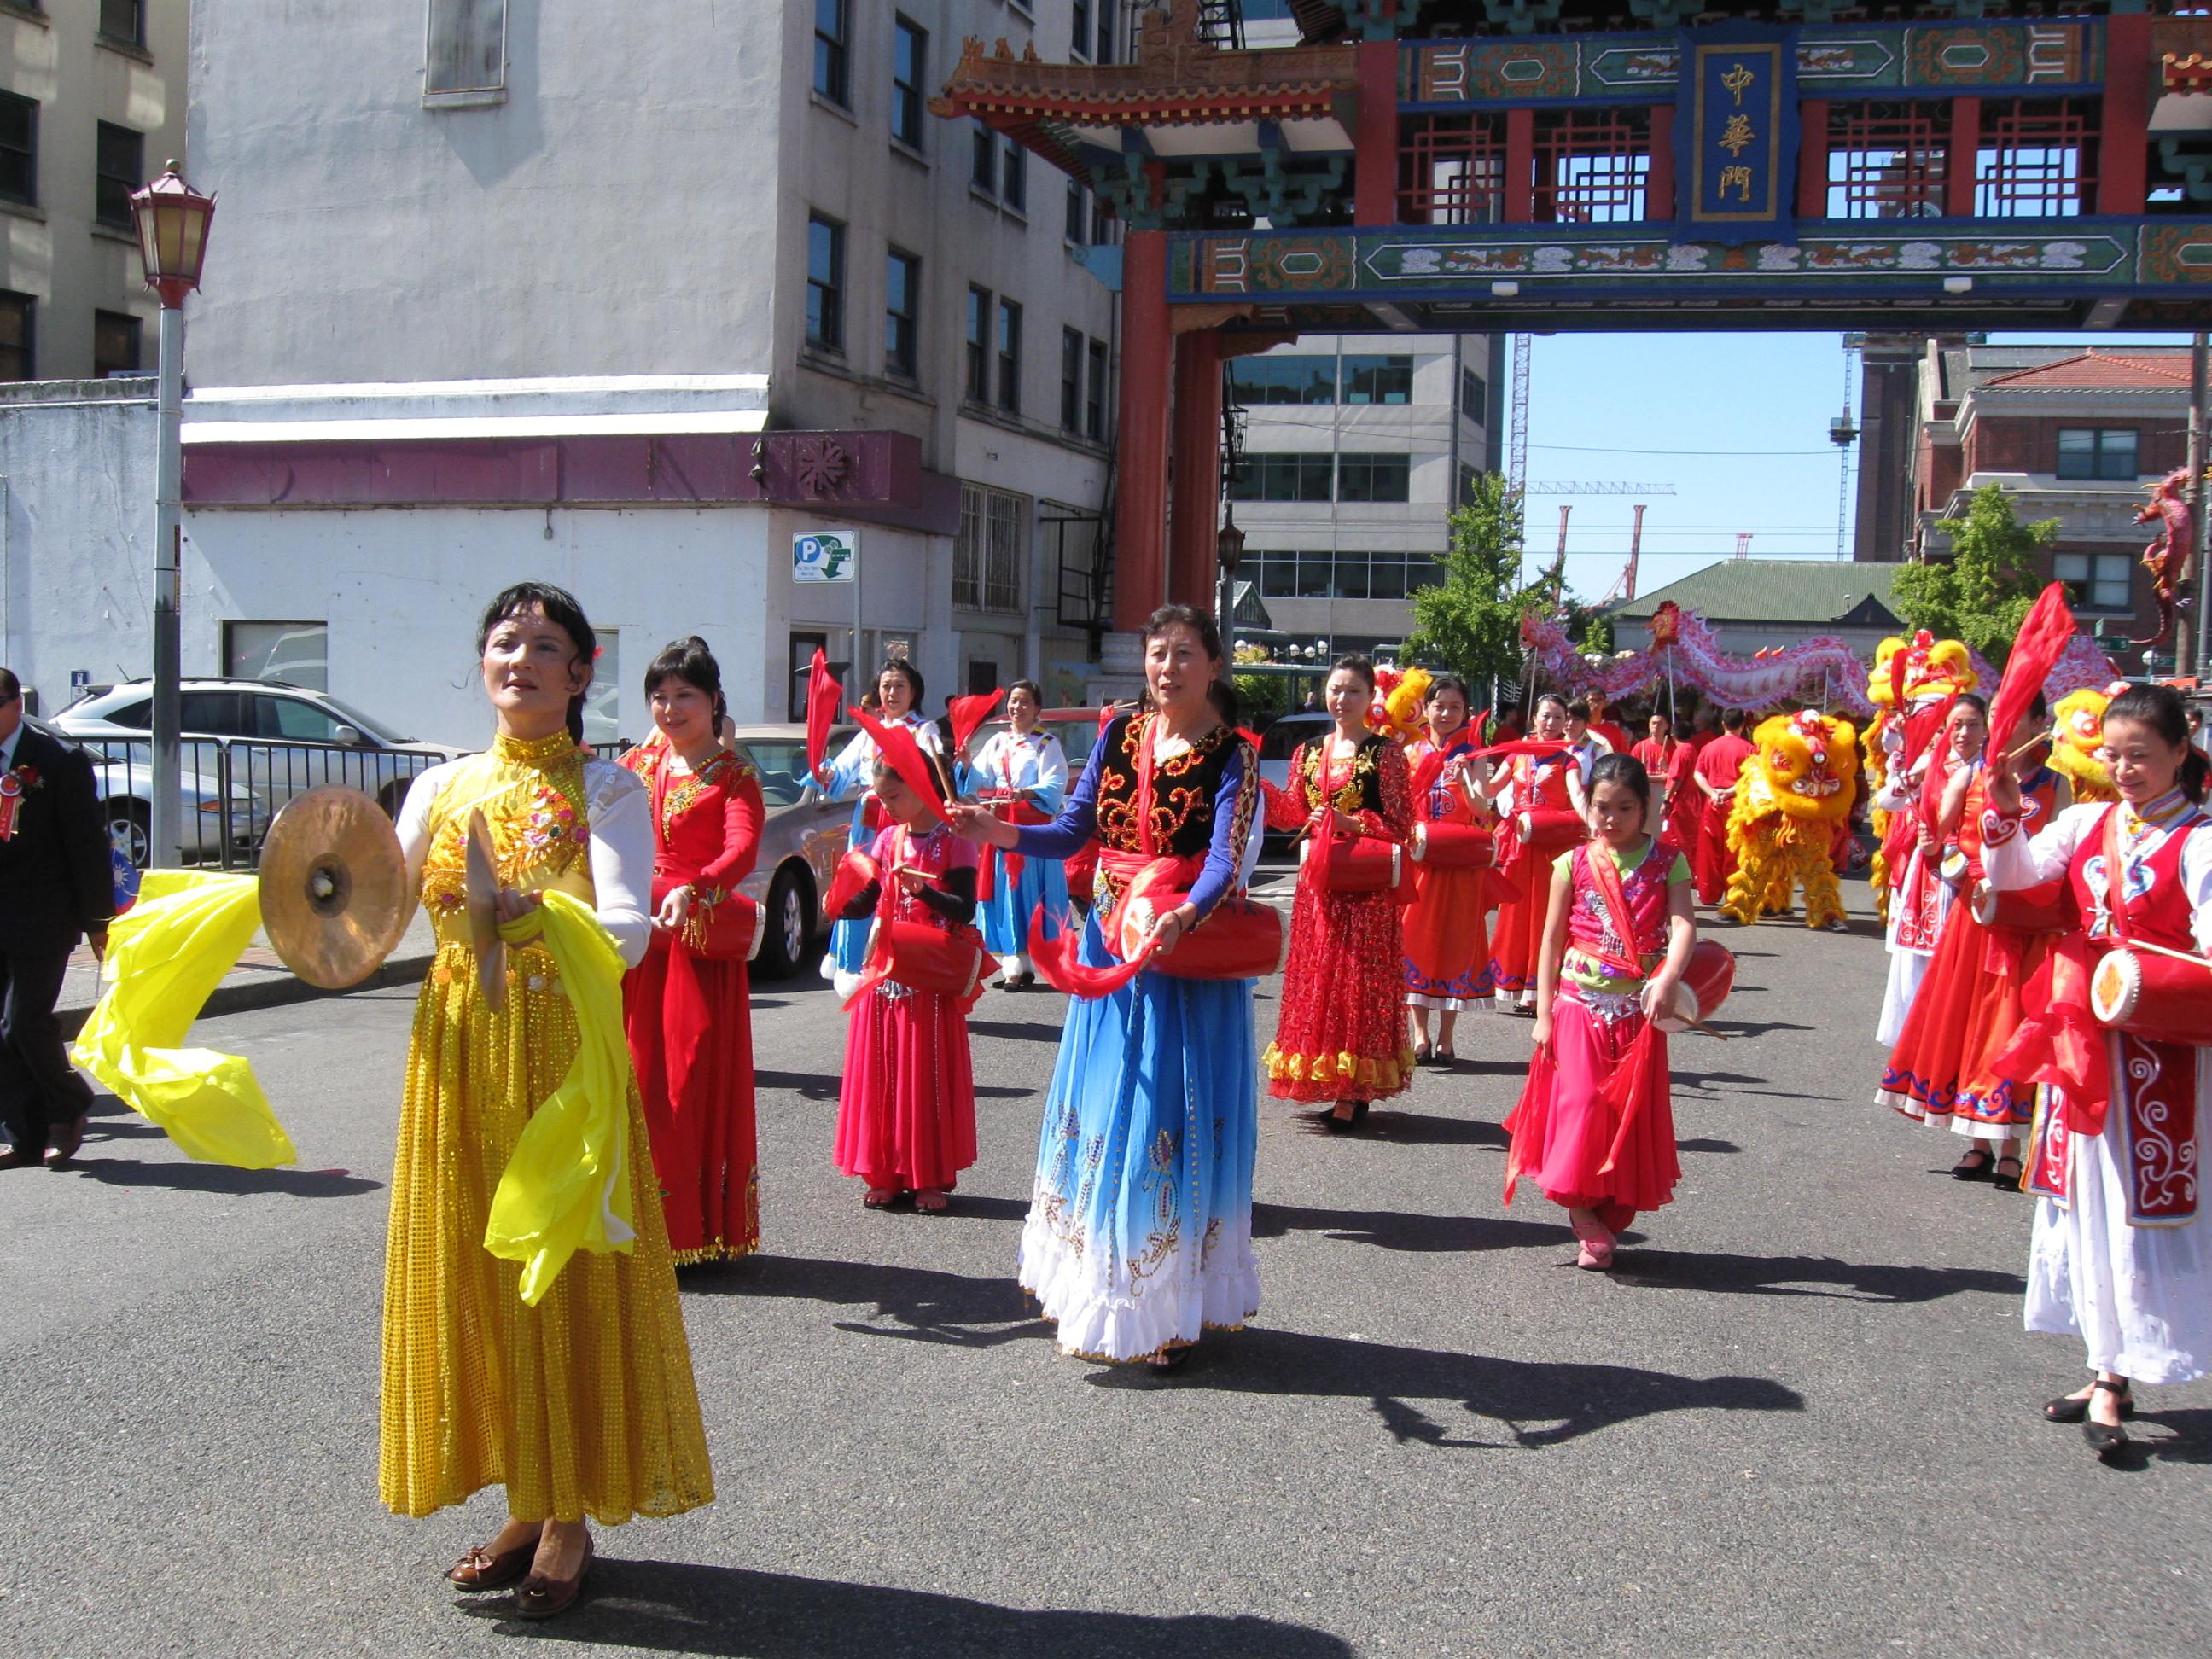 2012 Chinatown Seafair Parade Image 227